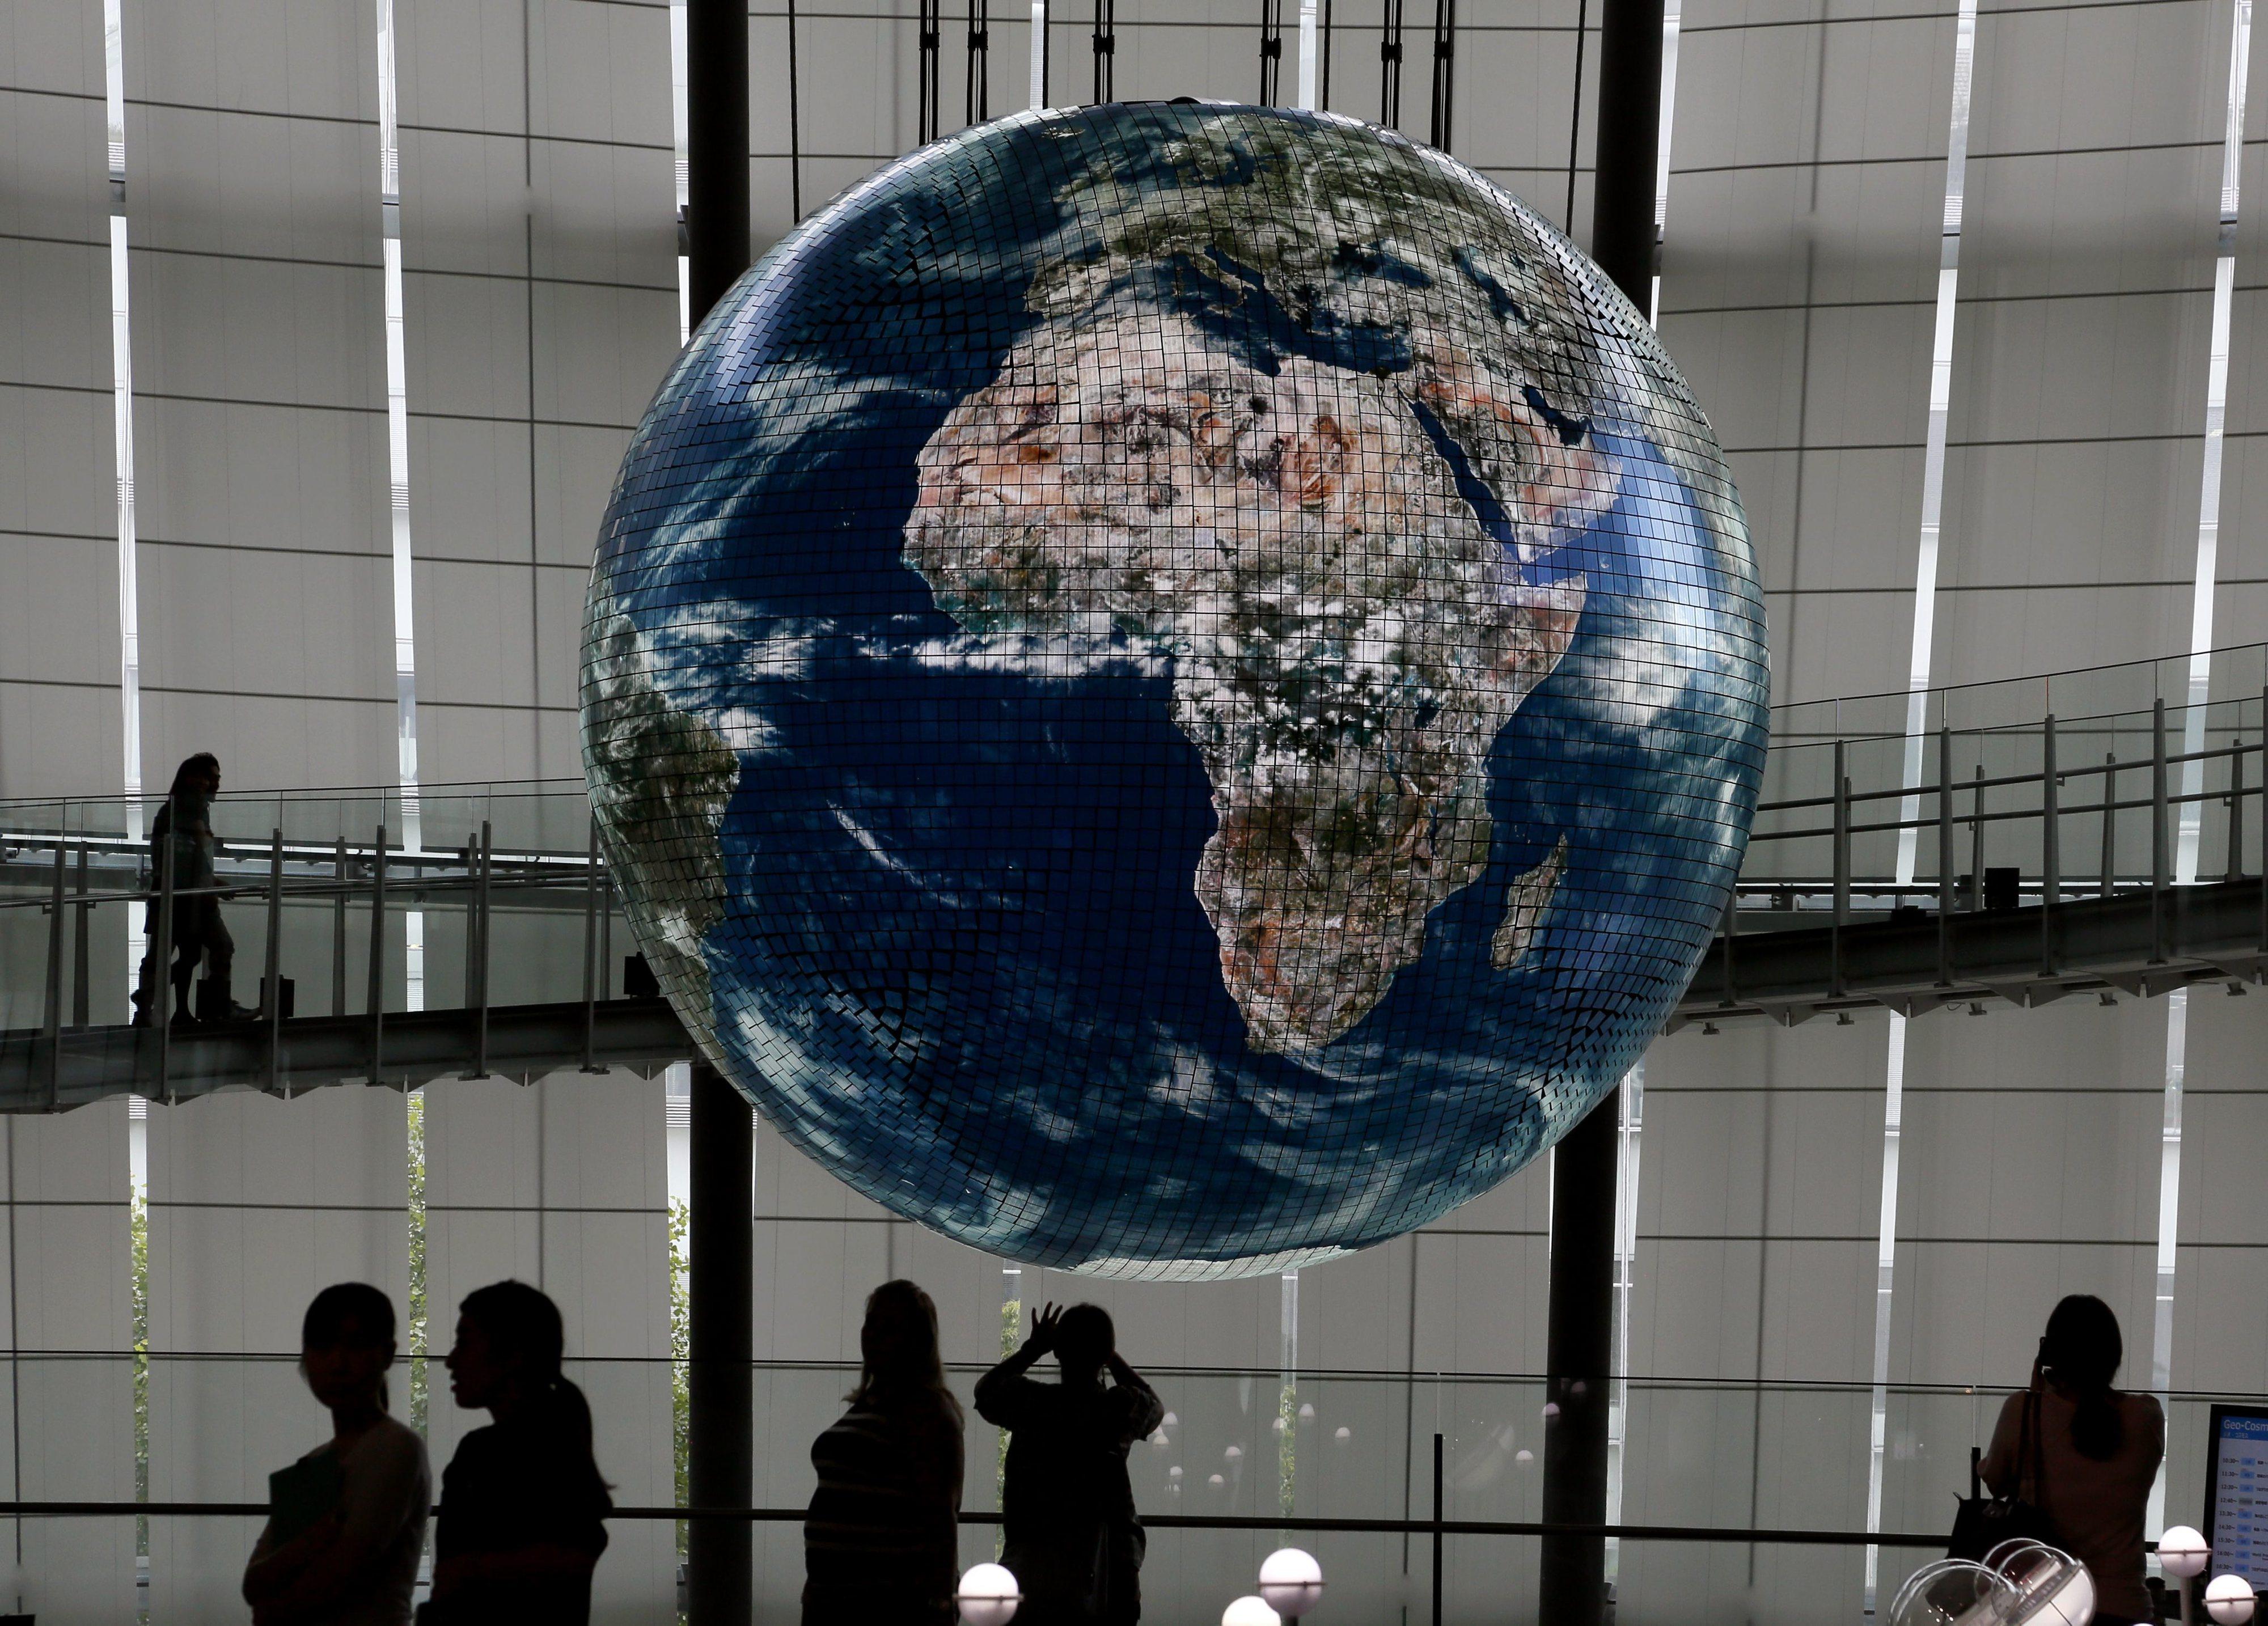 COVID-19: Maioria dos países africanos fecha fronteiras, restrições atrasam ajuda